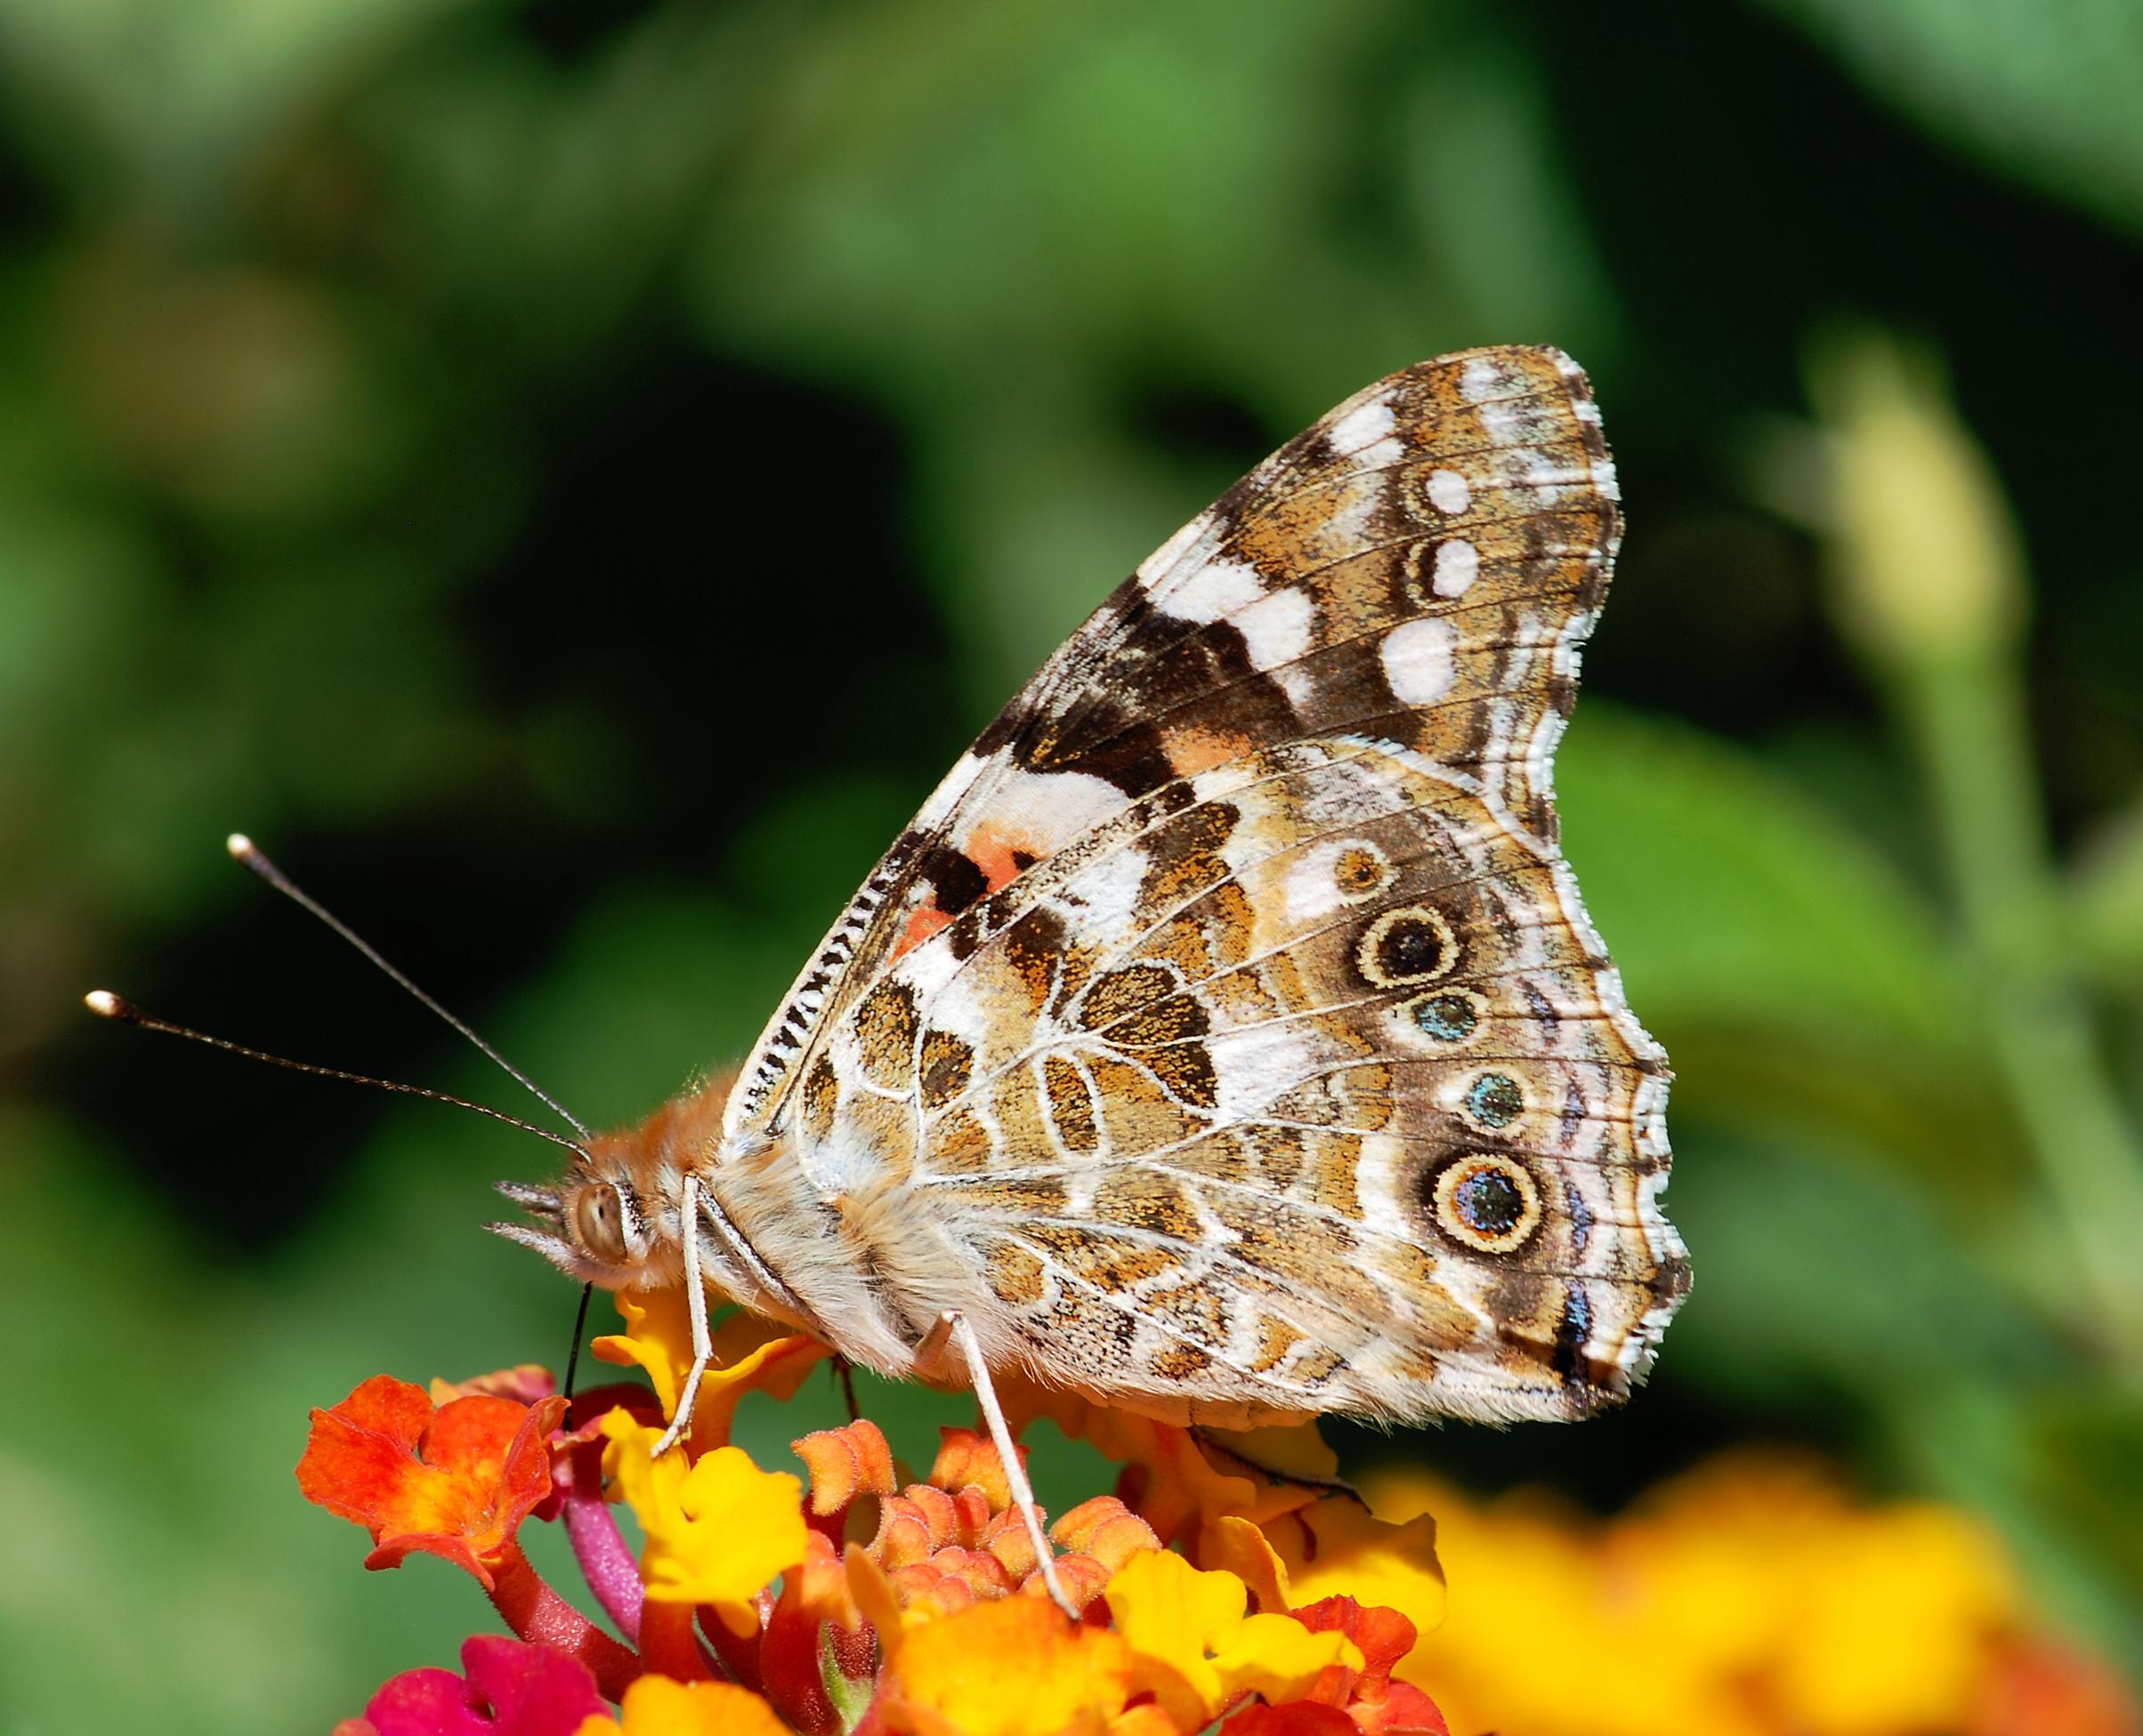 File:Butterfly August 2008-3.jpg